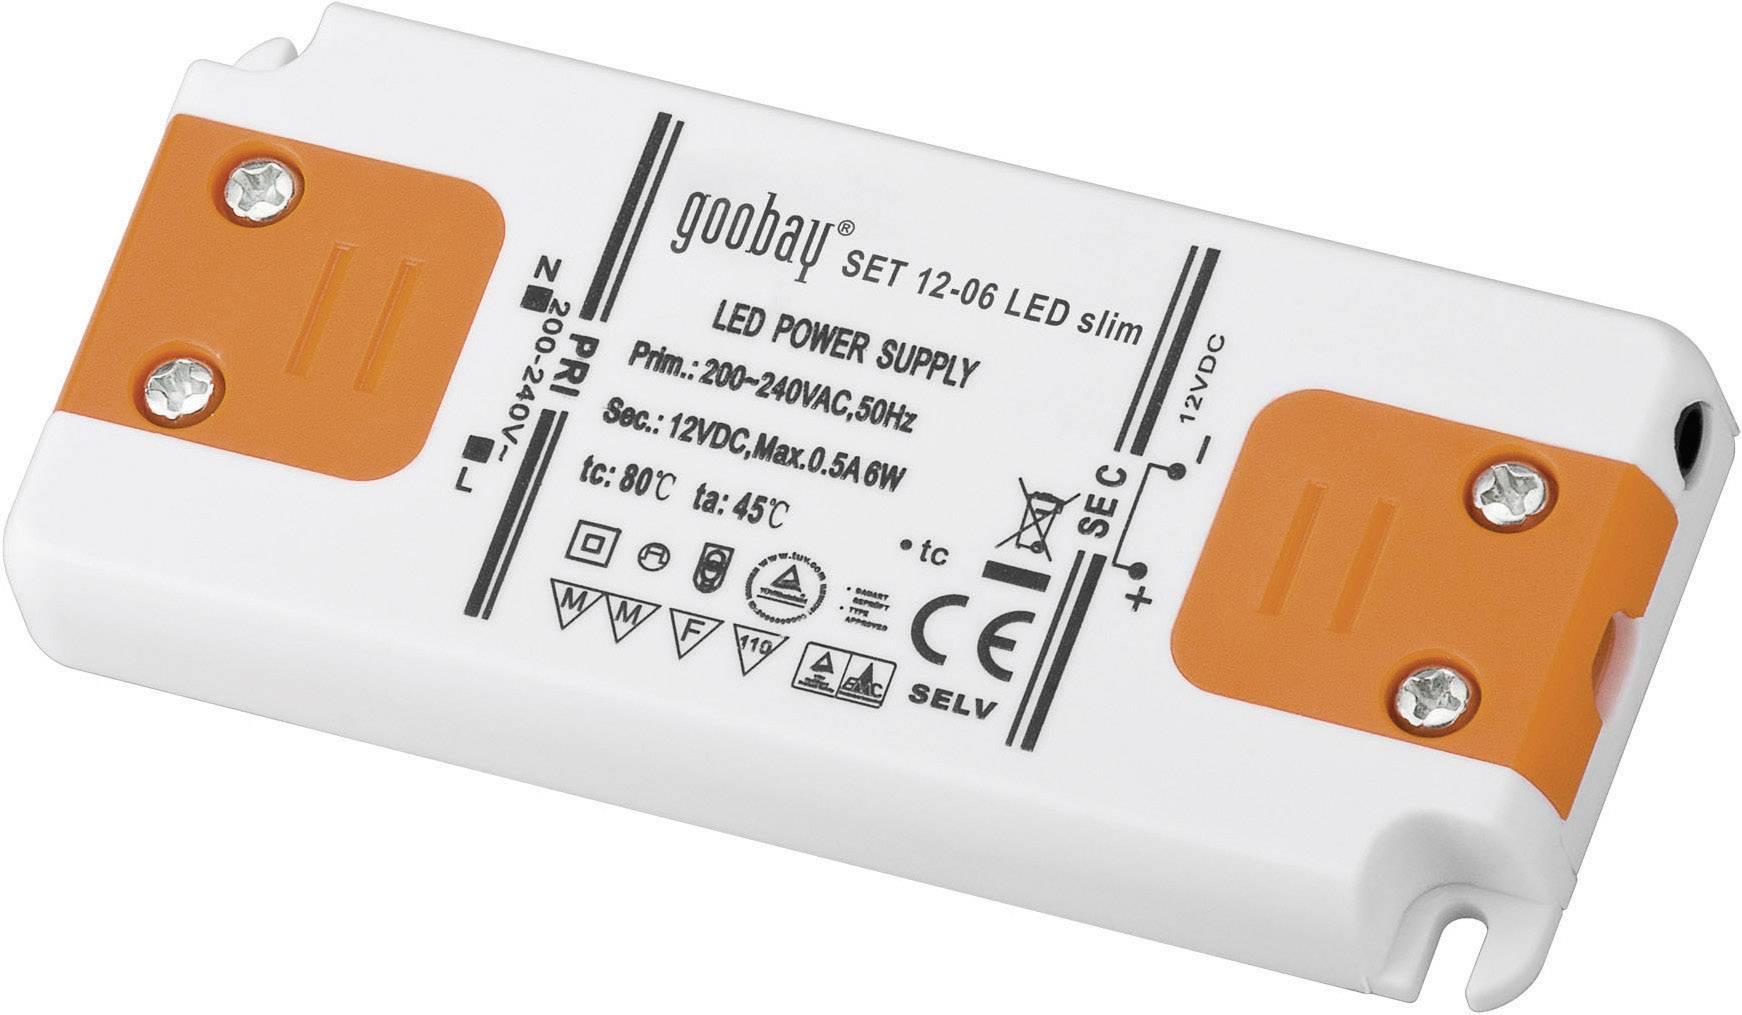 Napájací zdroj pre LED Goobay SET 12-06 LED slim, 6 W (max), 0.5 A, 12 V/DC